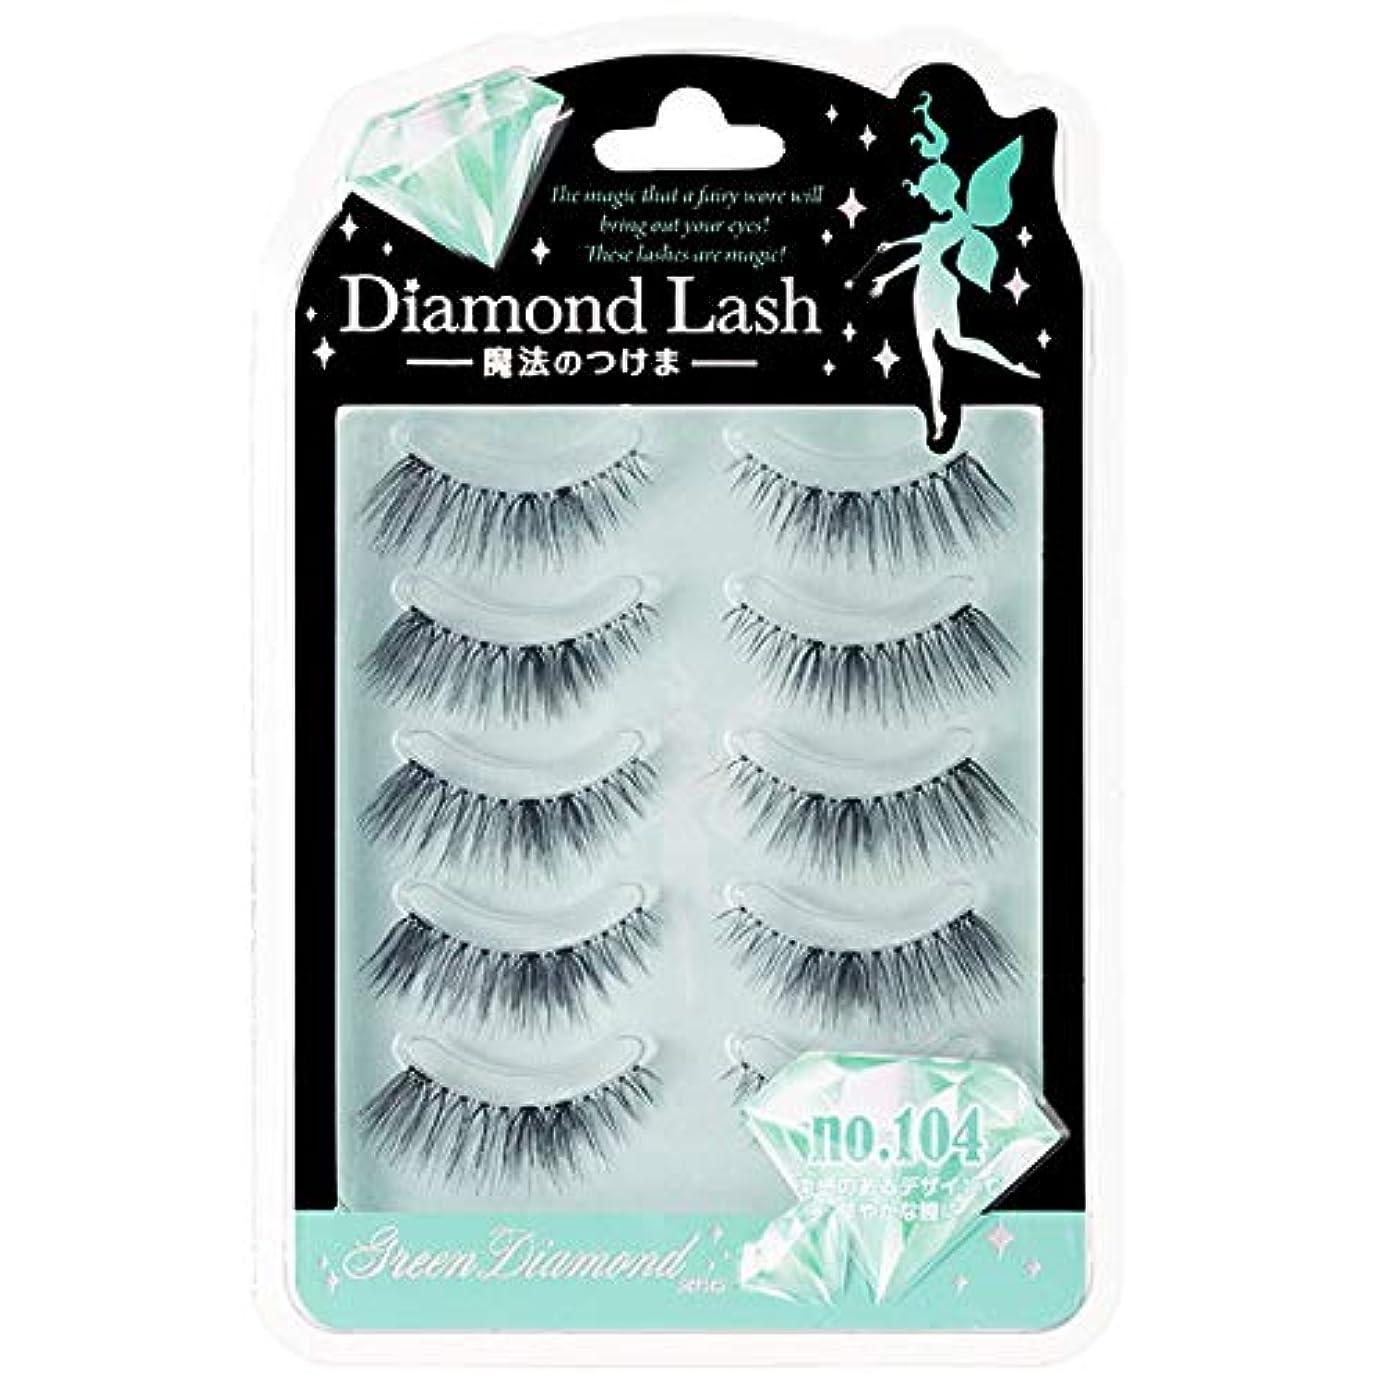 朝ごはん苦しむ薬Diamond Lash(ダイヤモンドラッシュ) グリーン no.104 5ペア